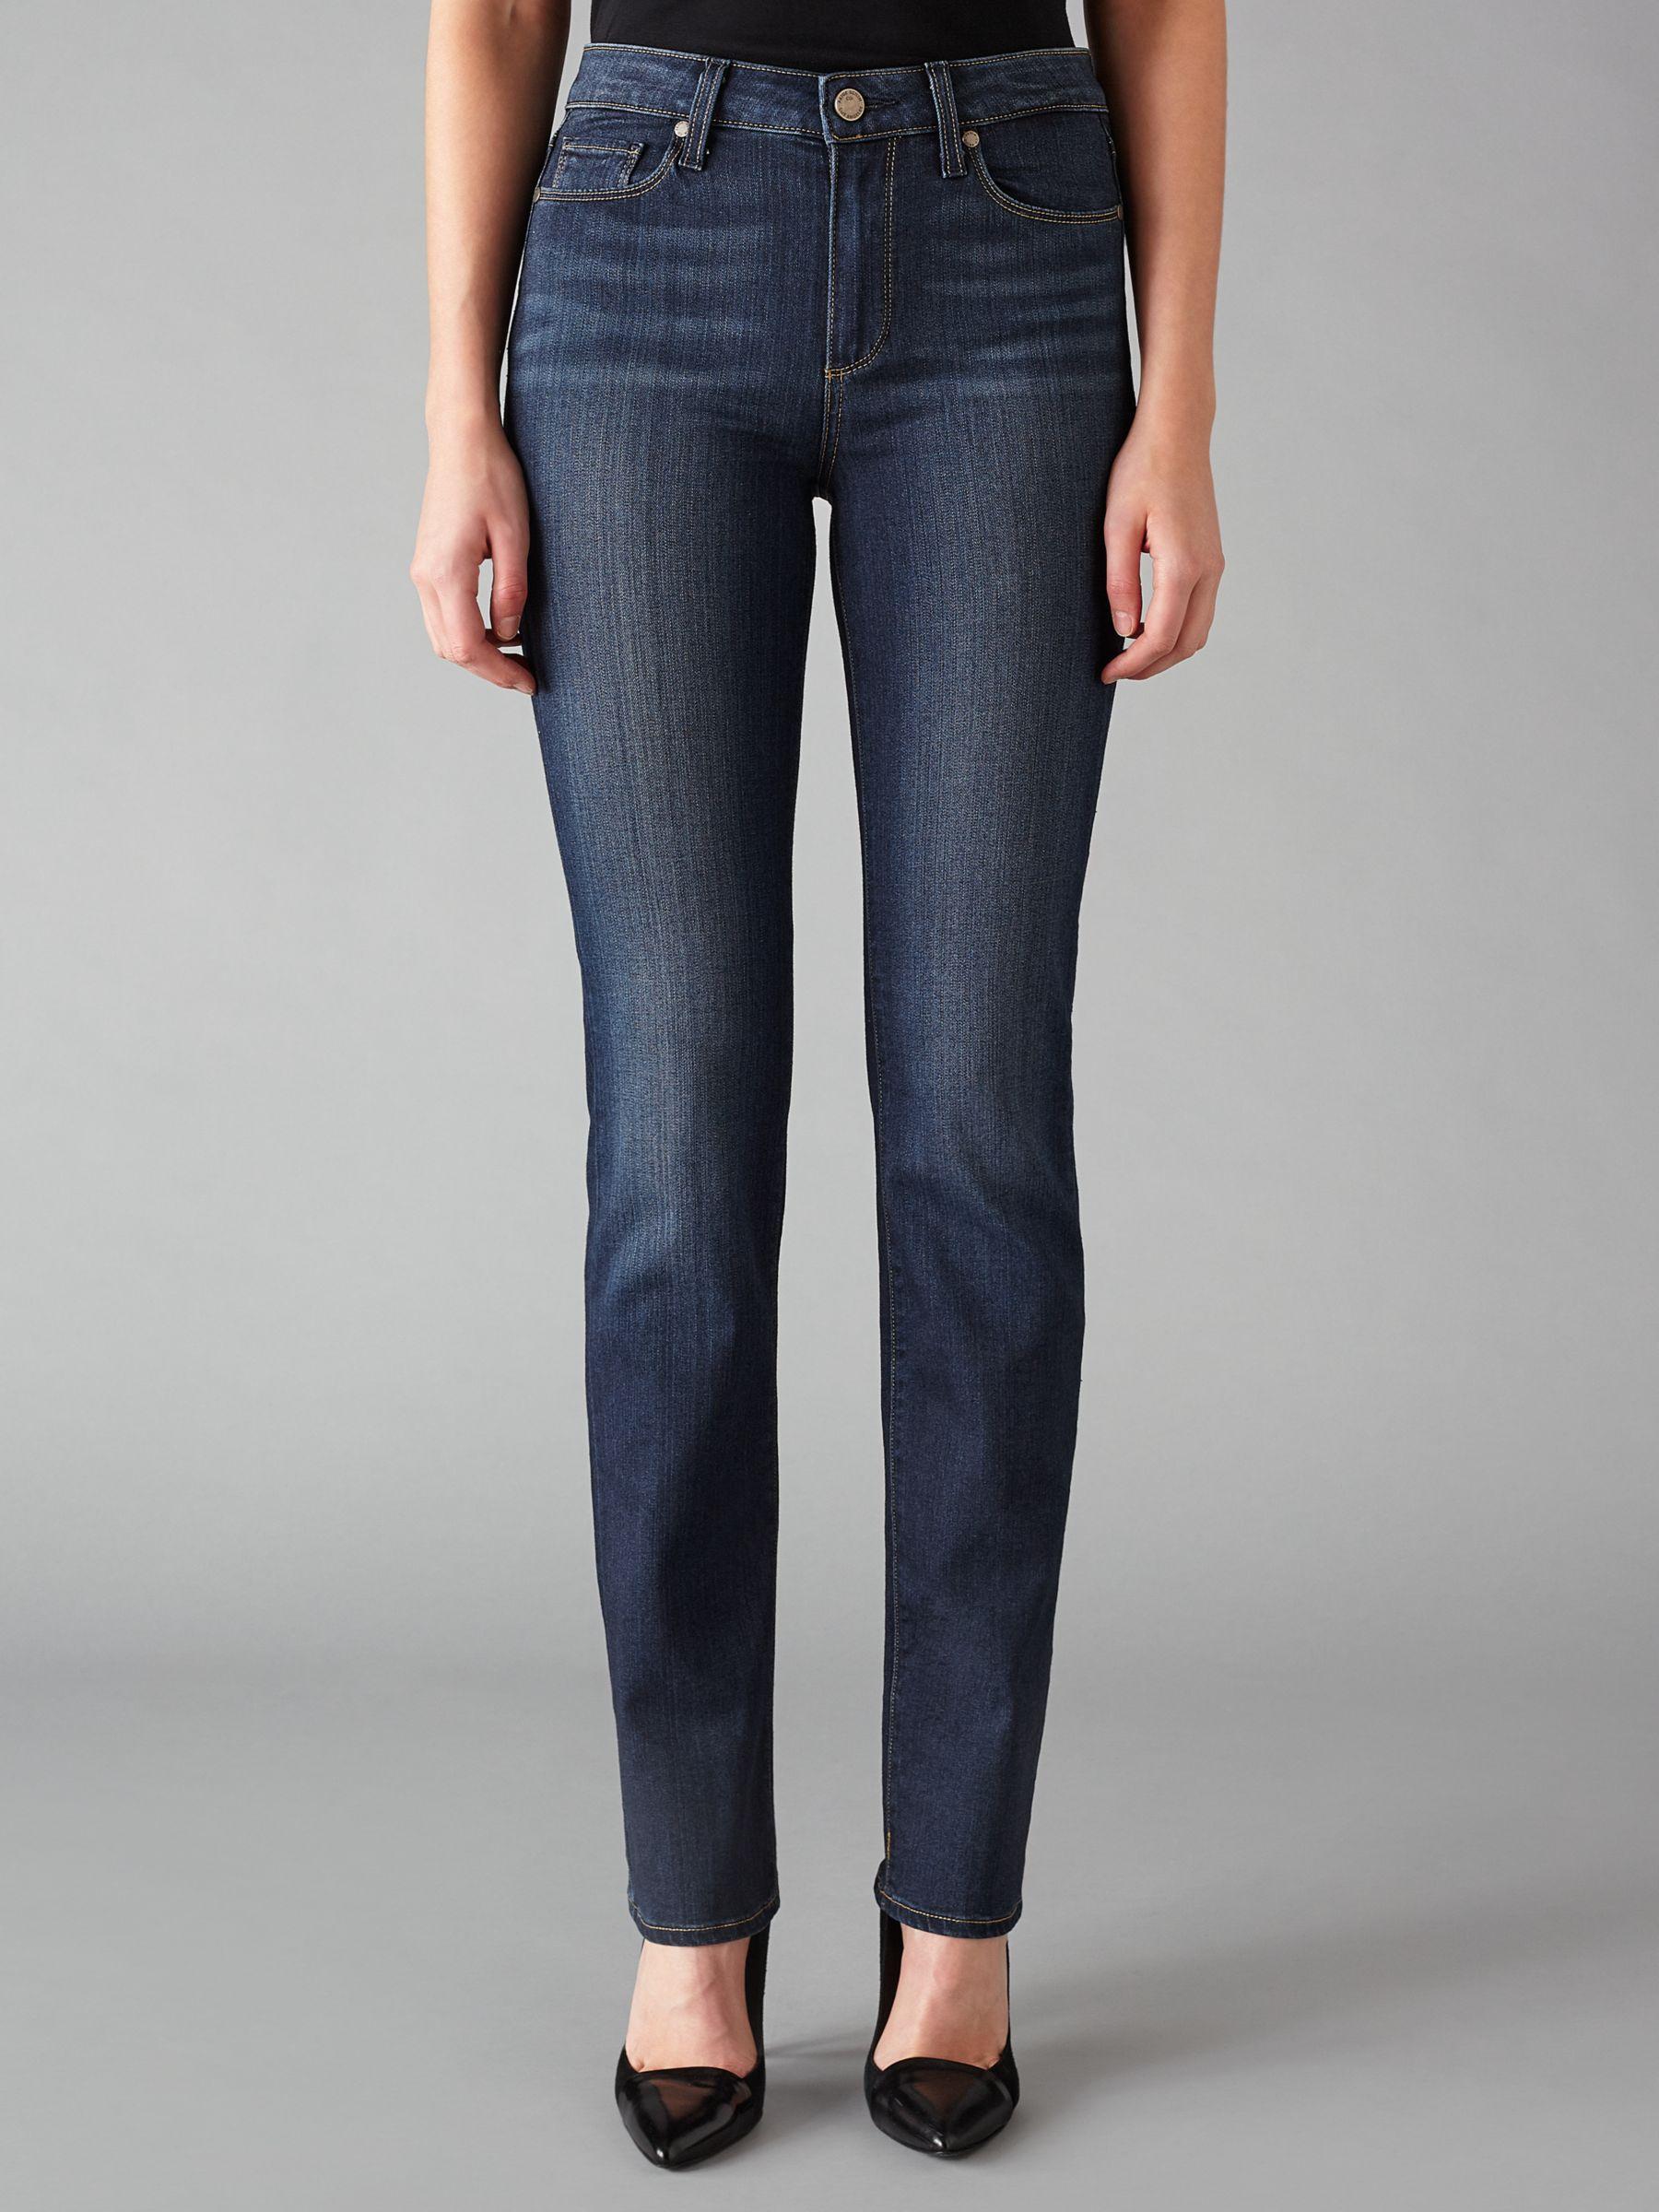 Paige Paige Hoxton Straight Leg Jeans, Nottingham